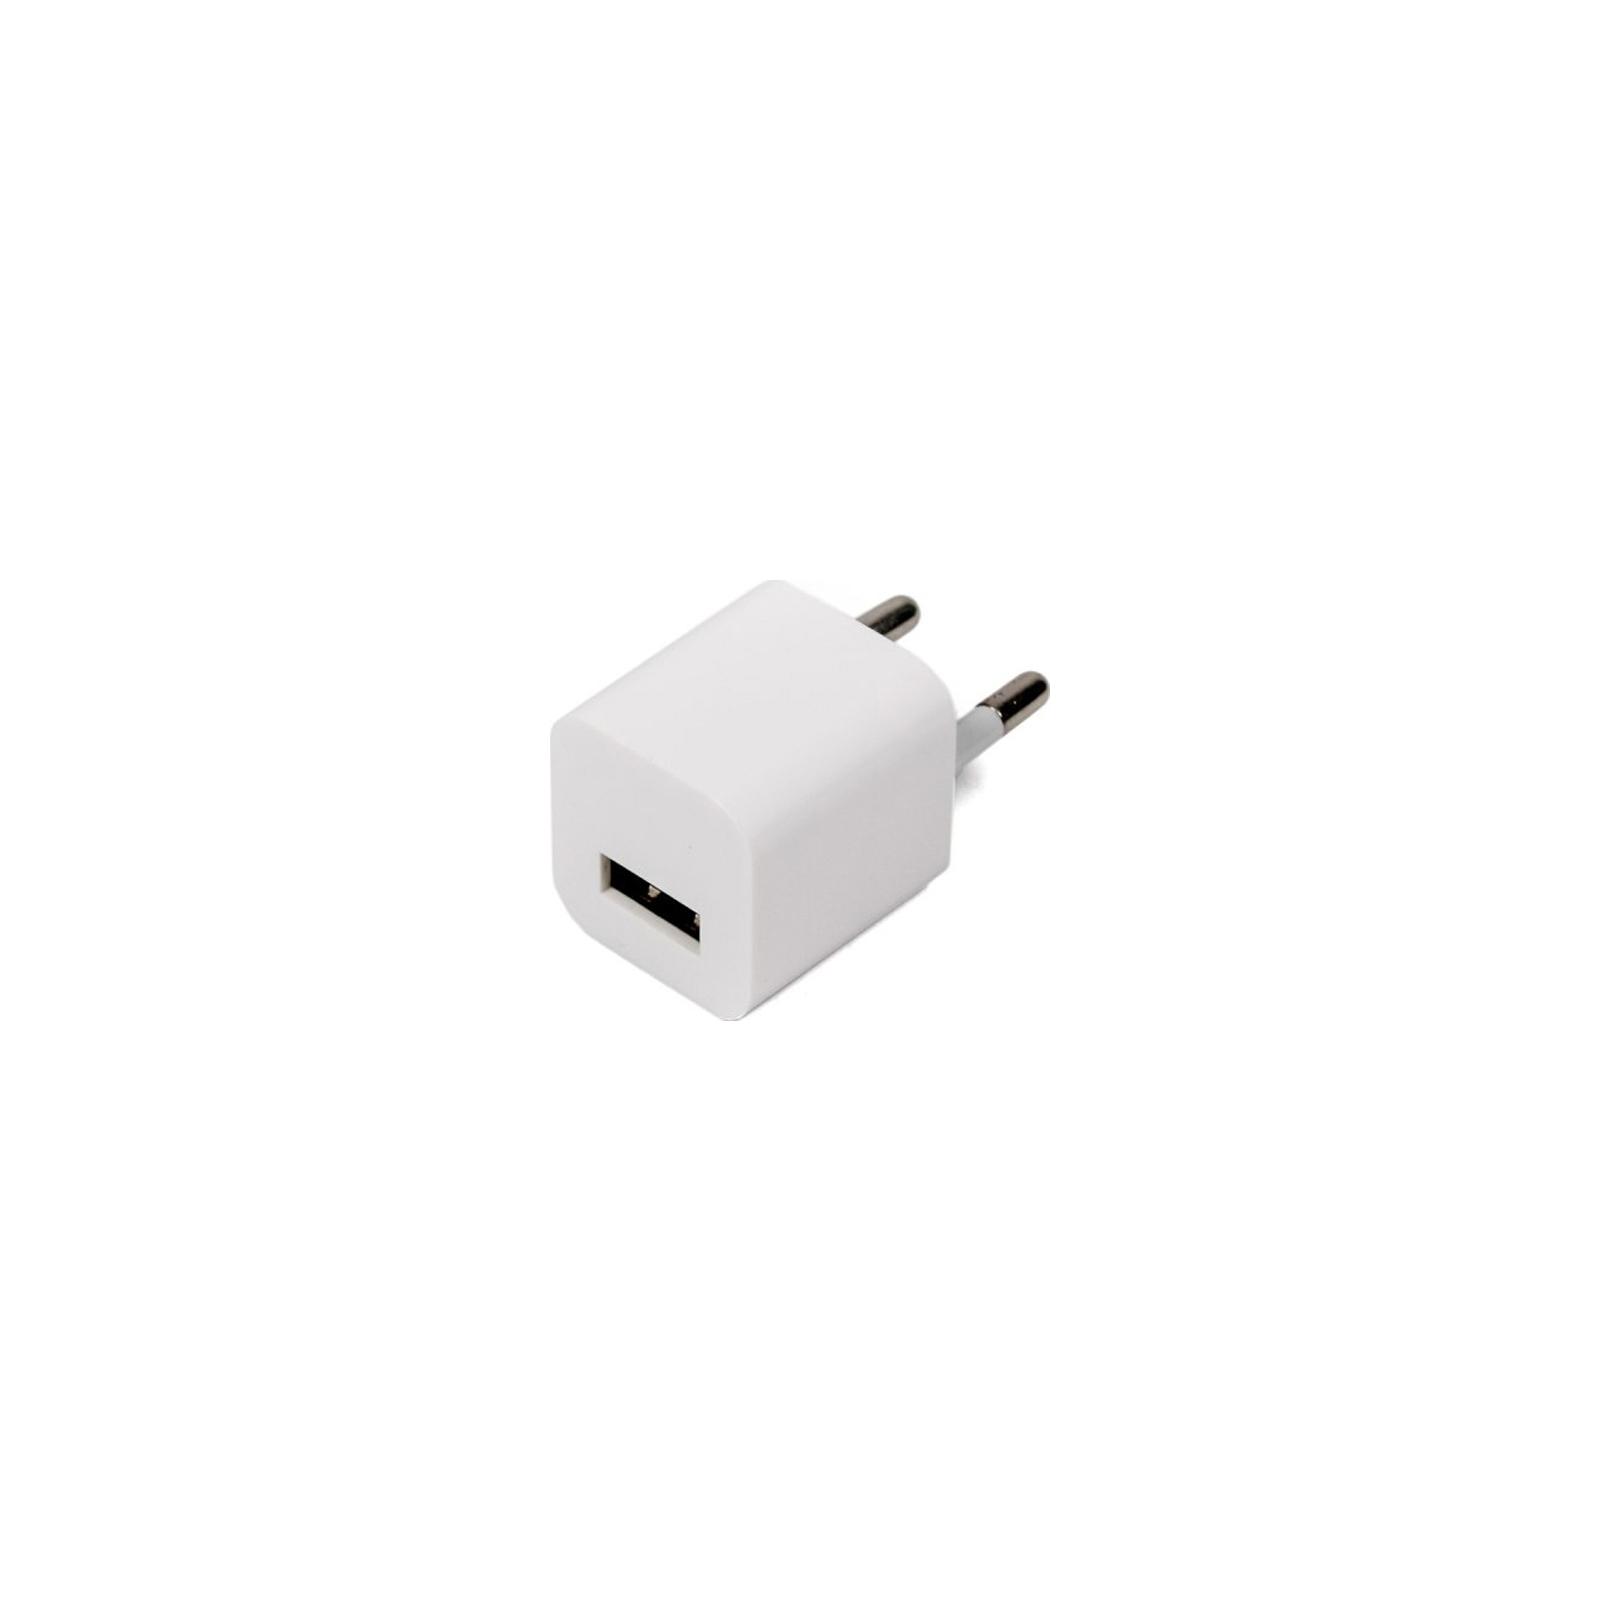 Зарядное устройство EasyLink (3 в 1) +кабель Dock (EL-189 W) изображение 5